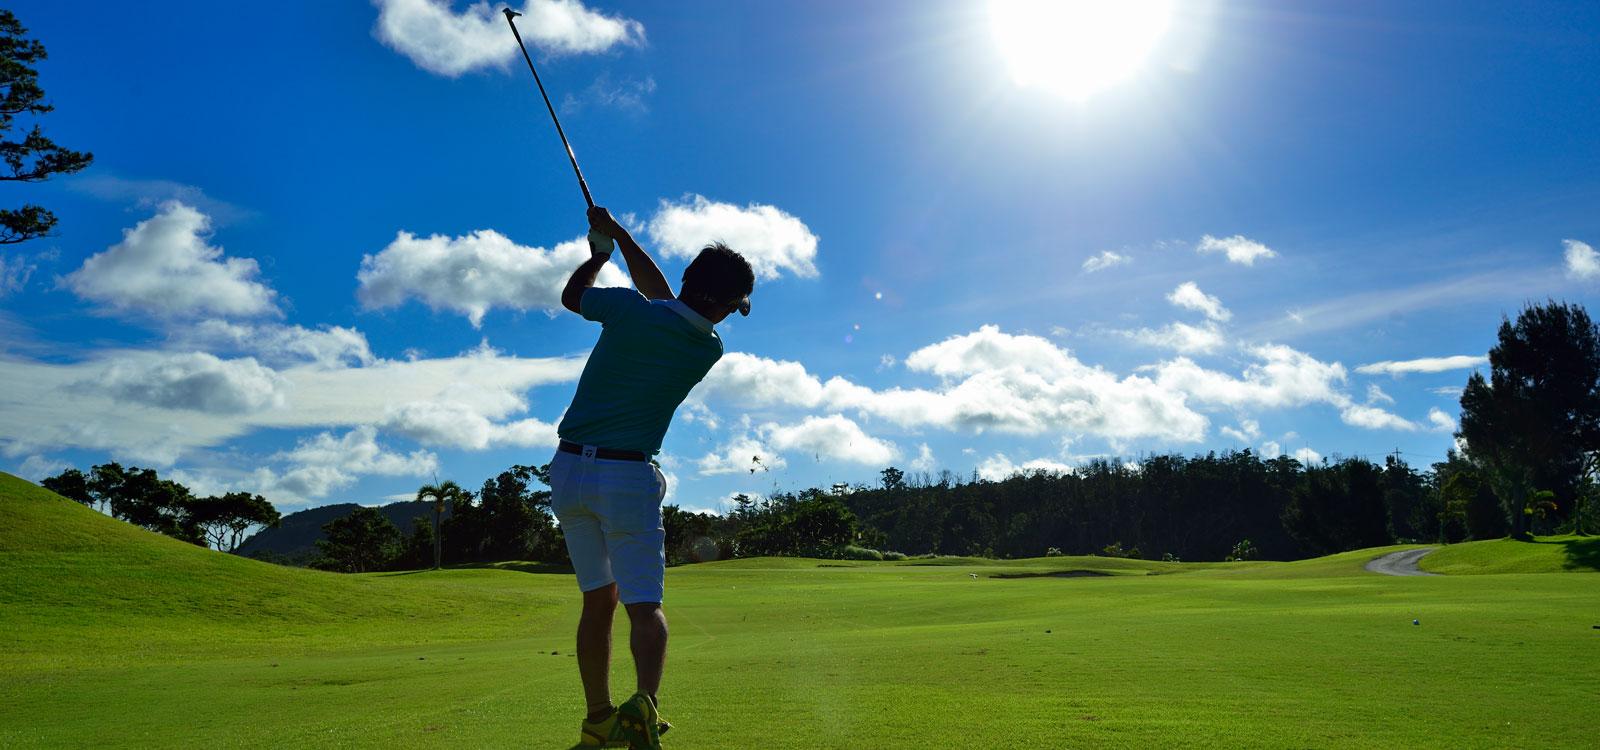 「ゴルフ」の画像検索結果